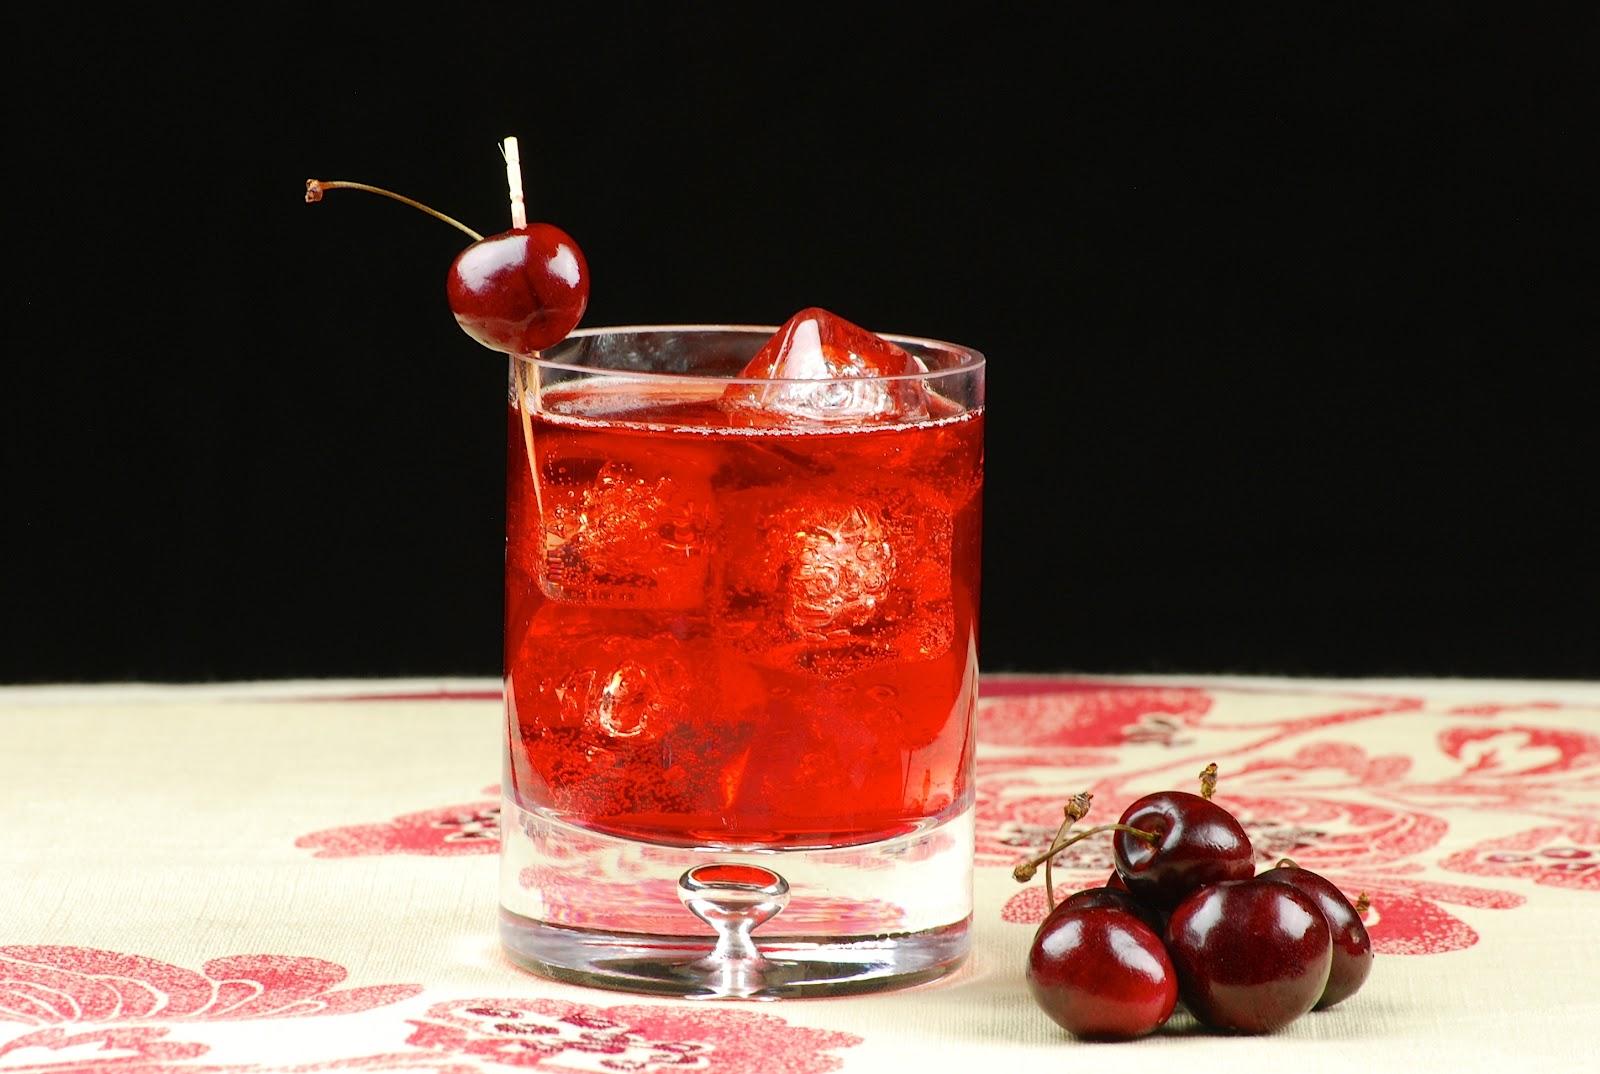 Pouring cherries. Cherry Liqueur Recipes 6